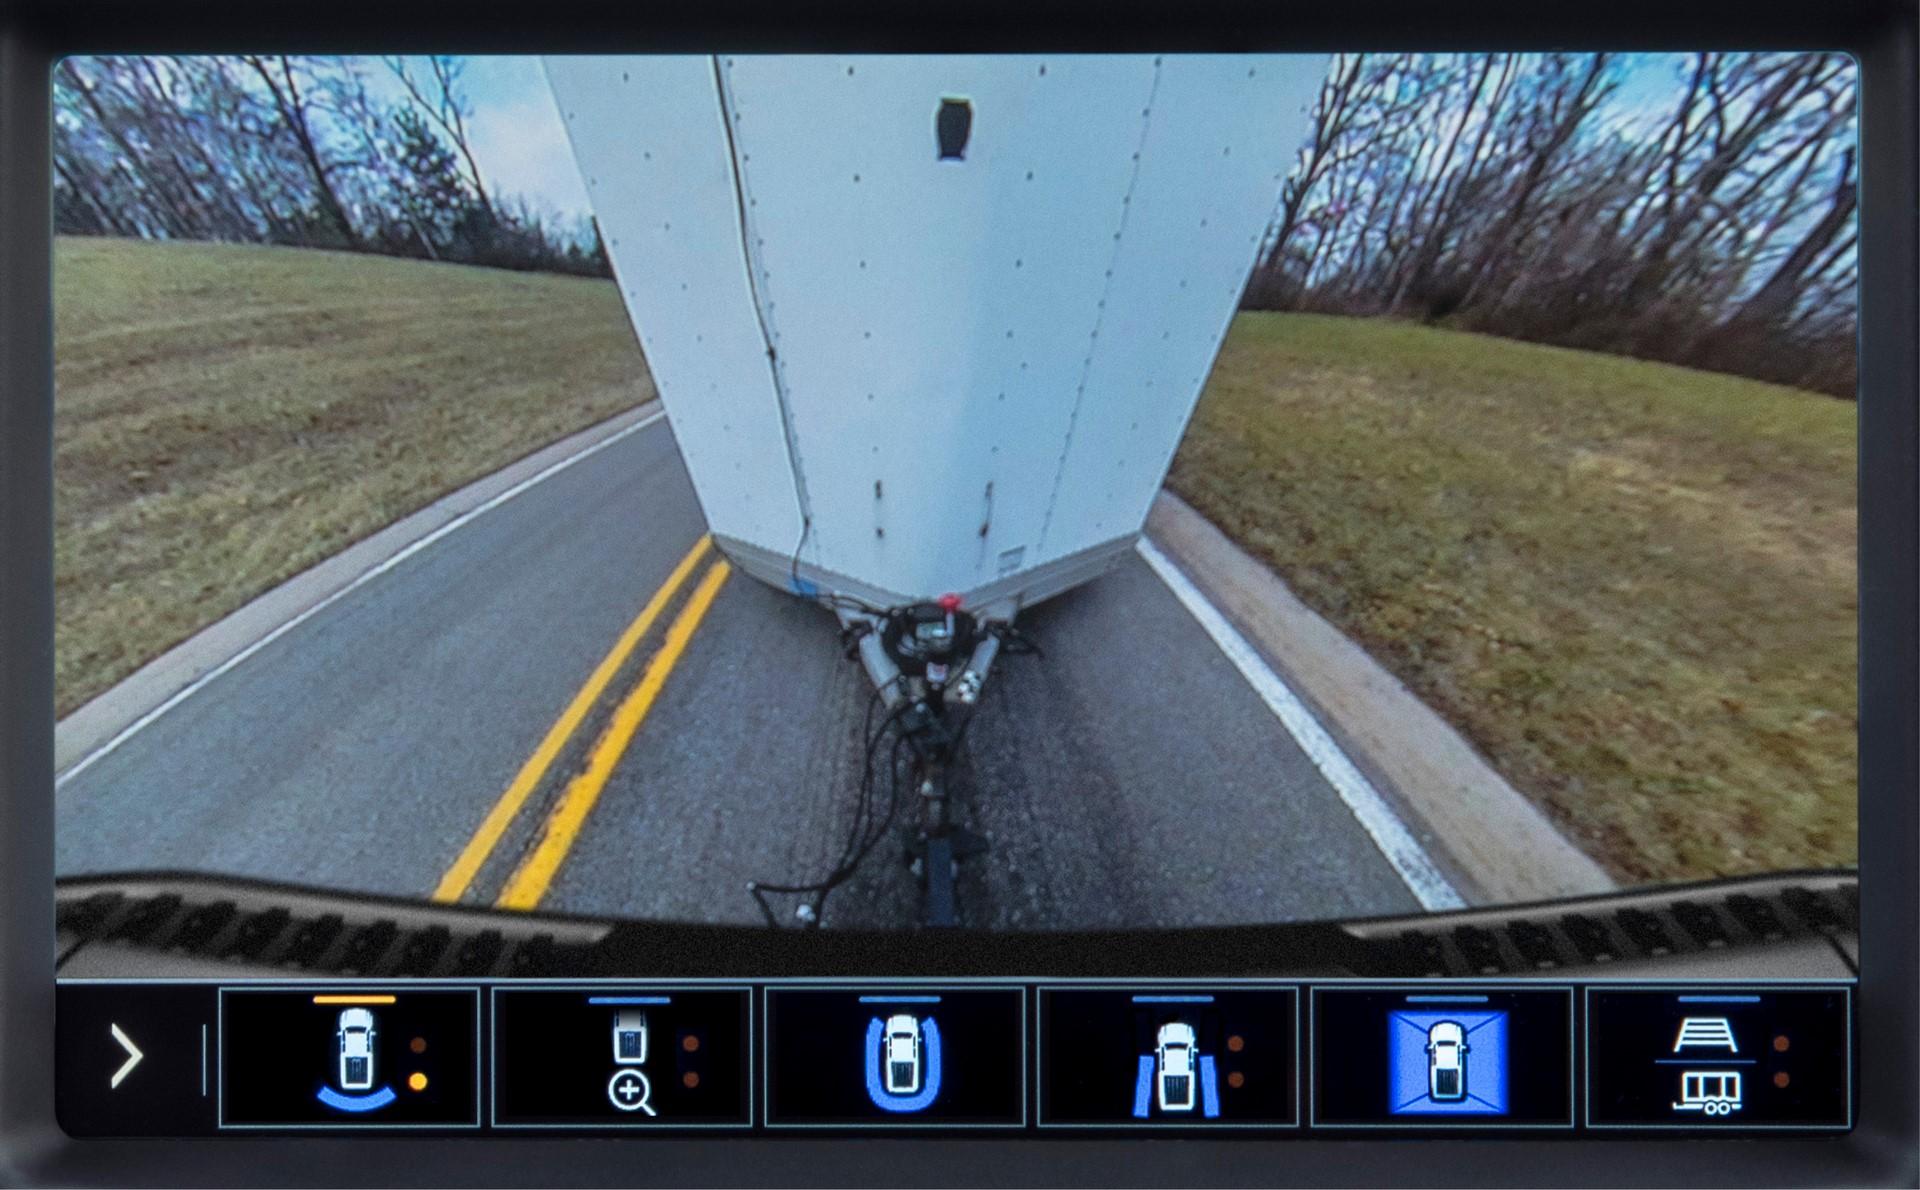 2020 GMC Sierra HD Rear View Camera